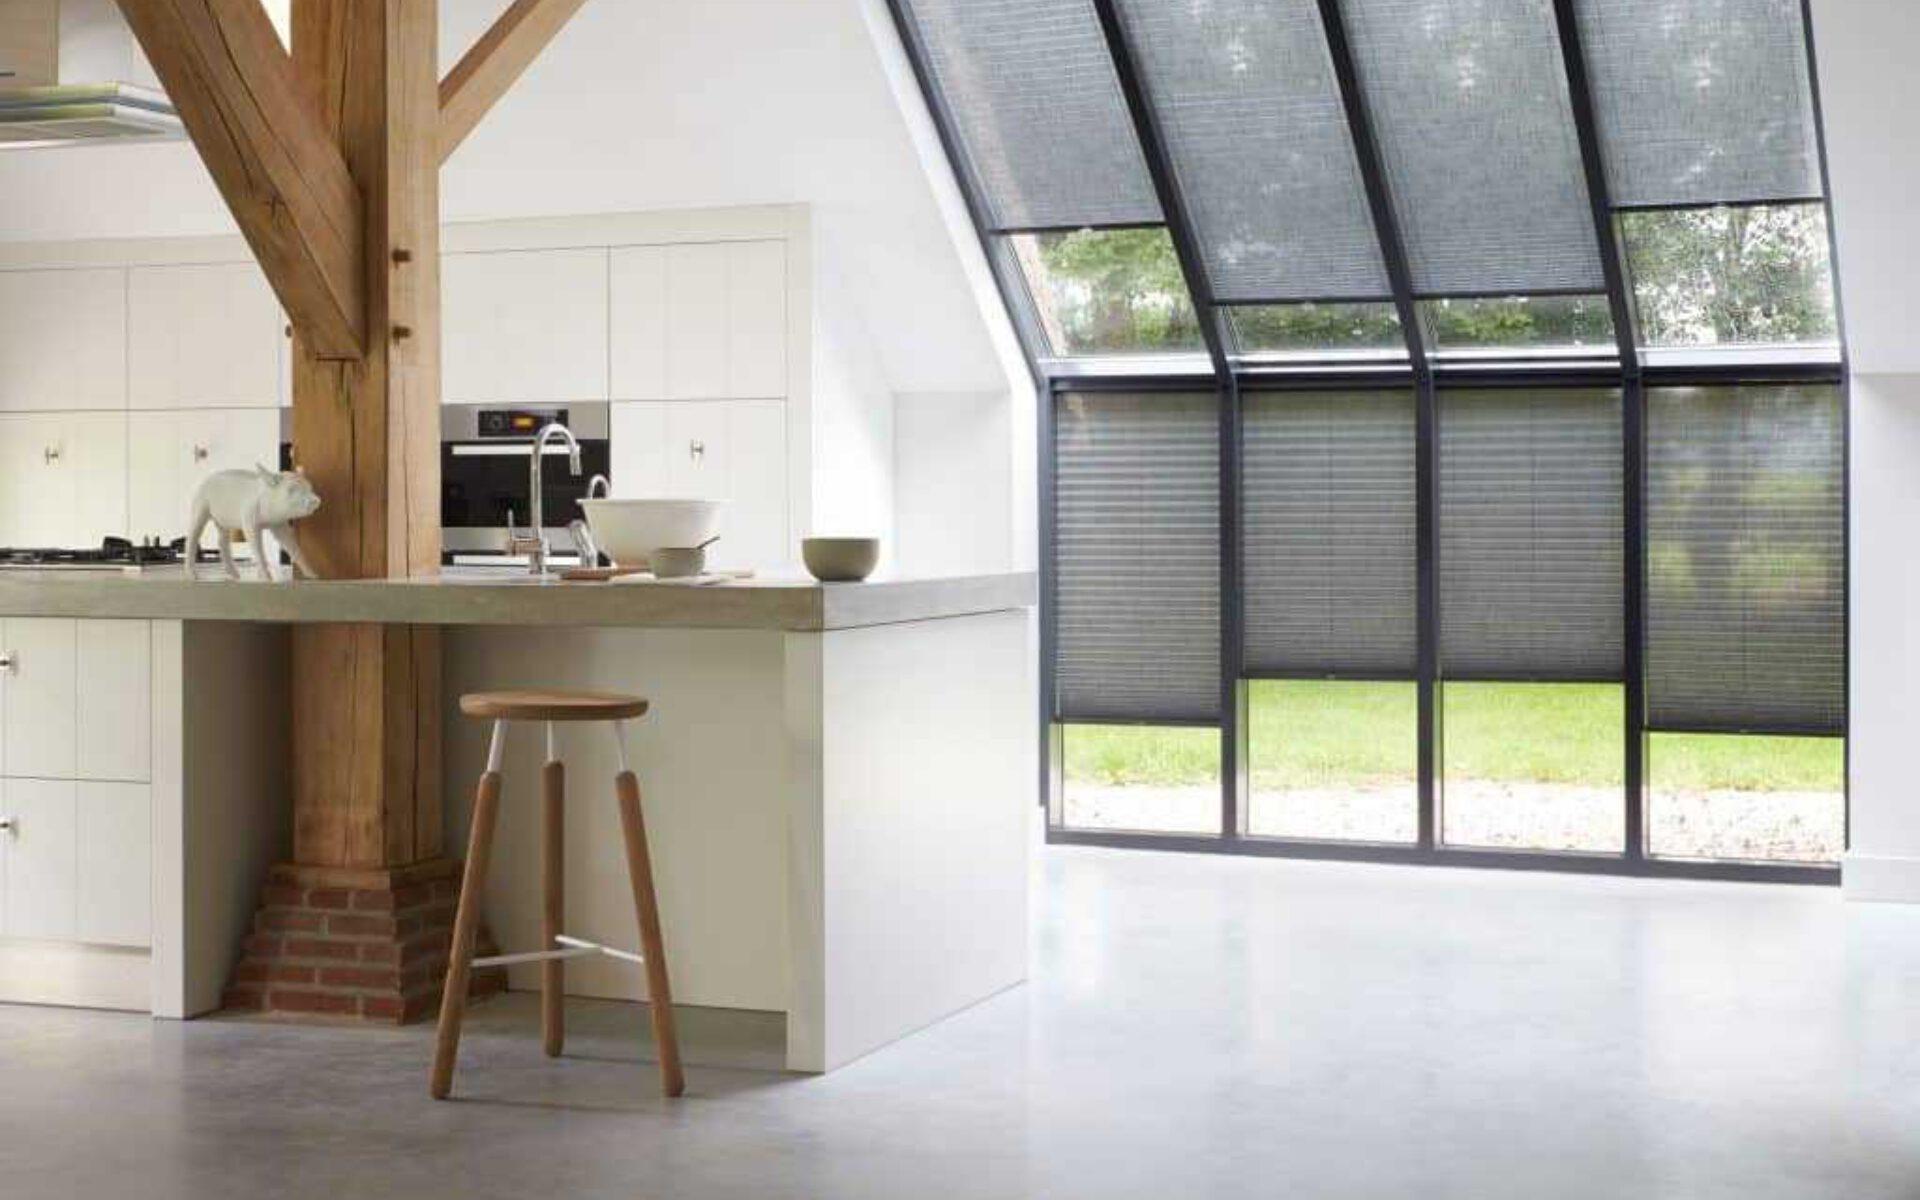 Lookin raamdecoratie oplossingen voor jouw raam